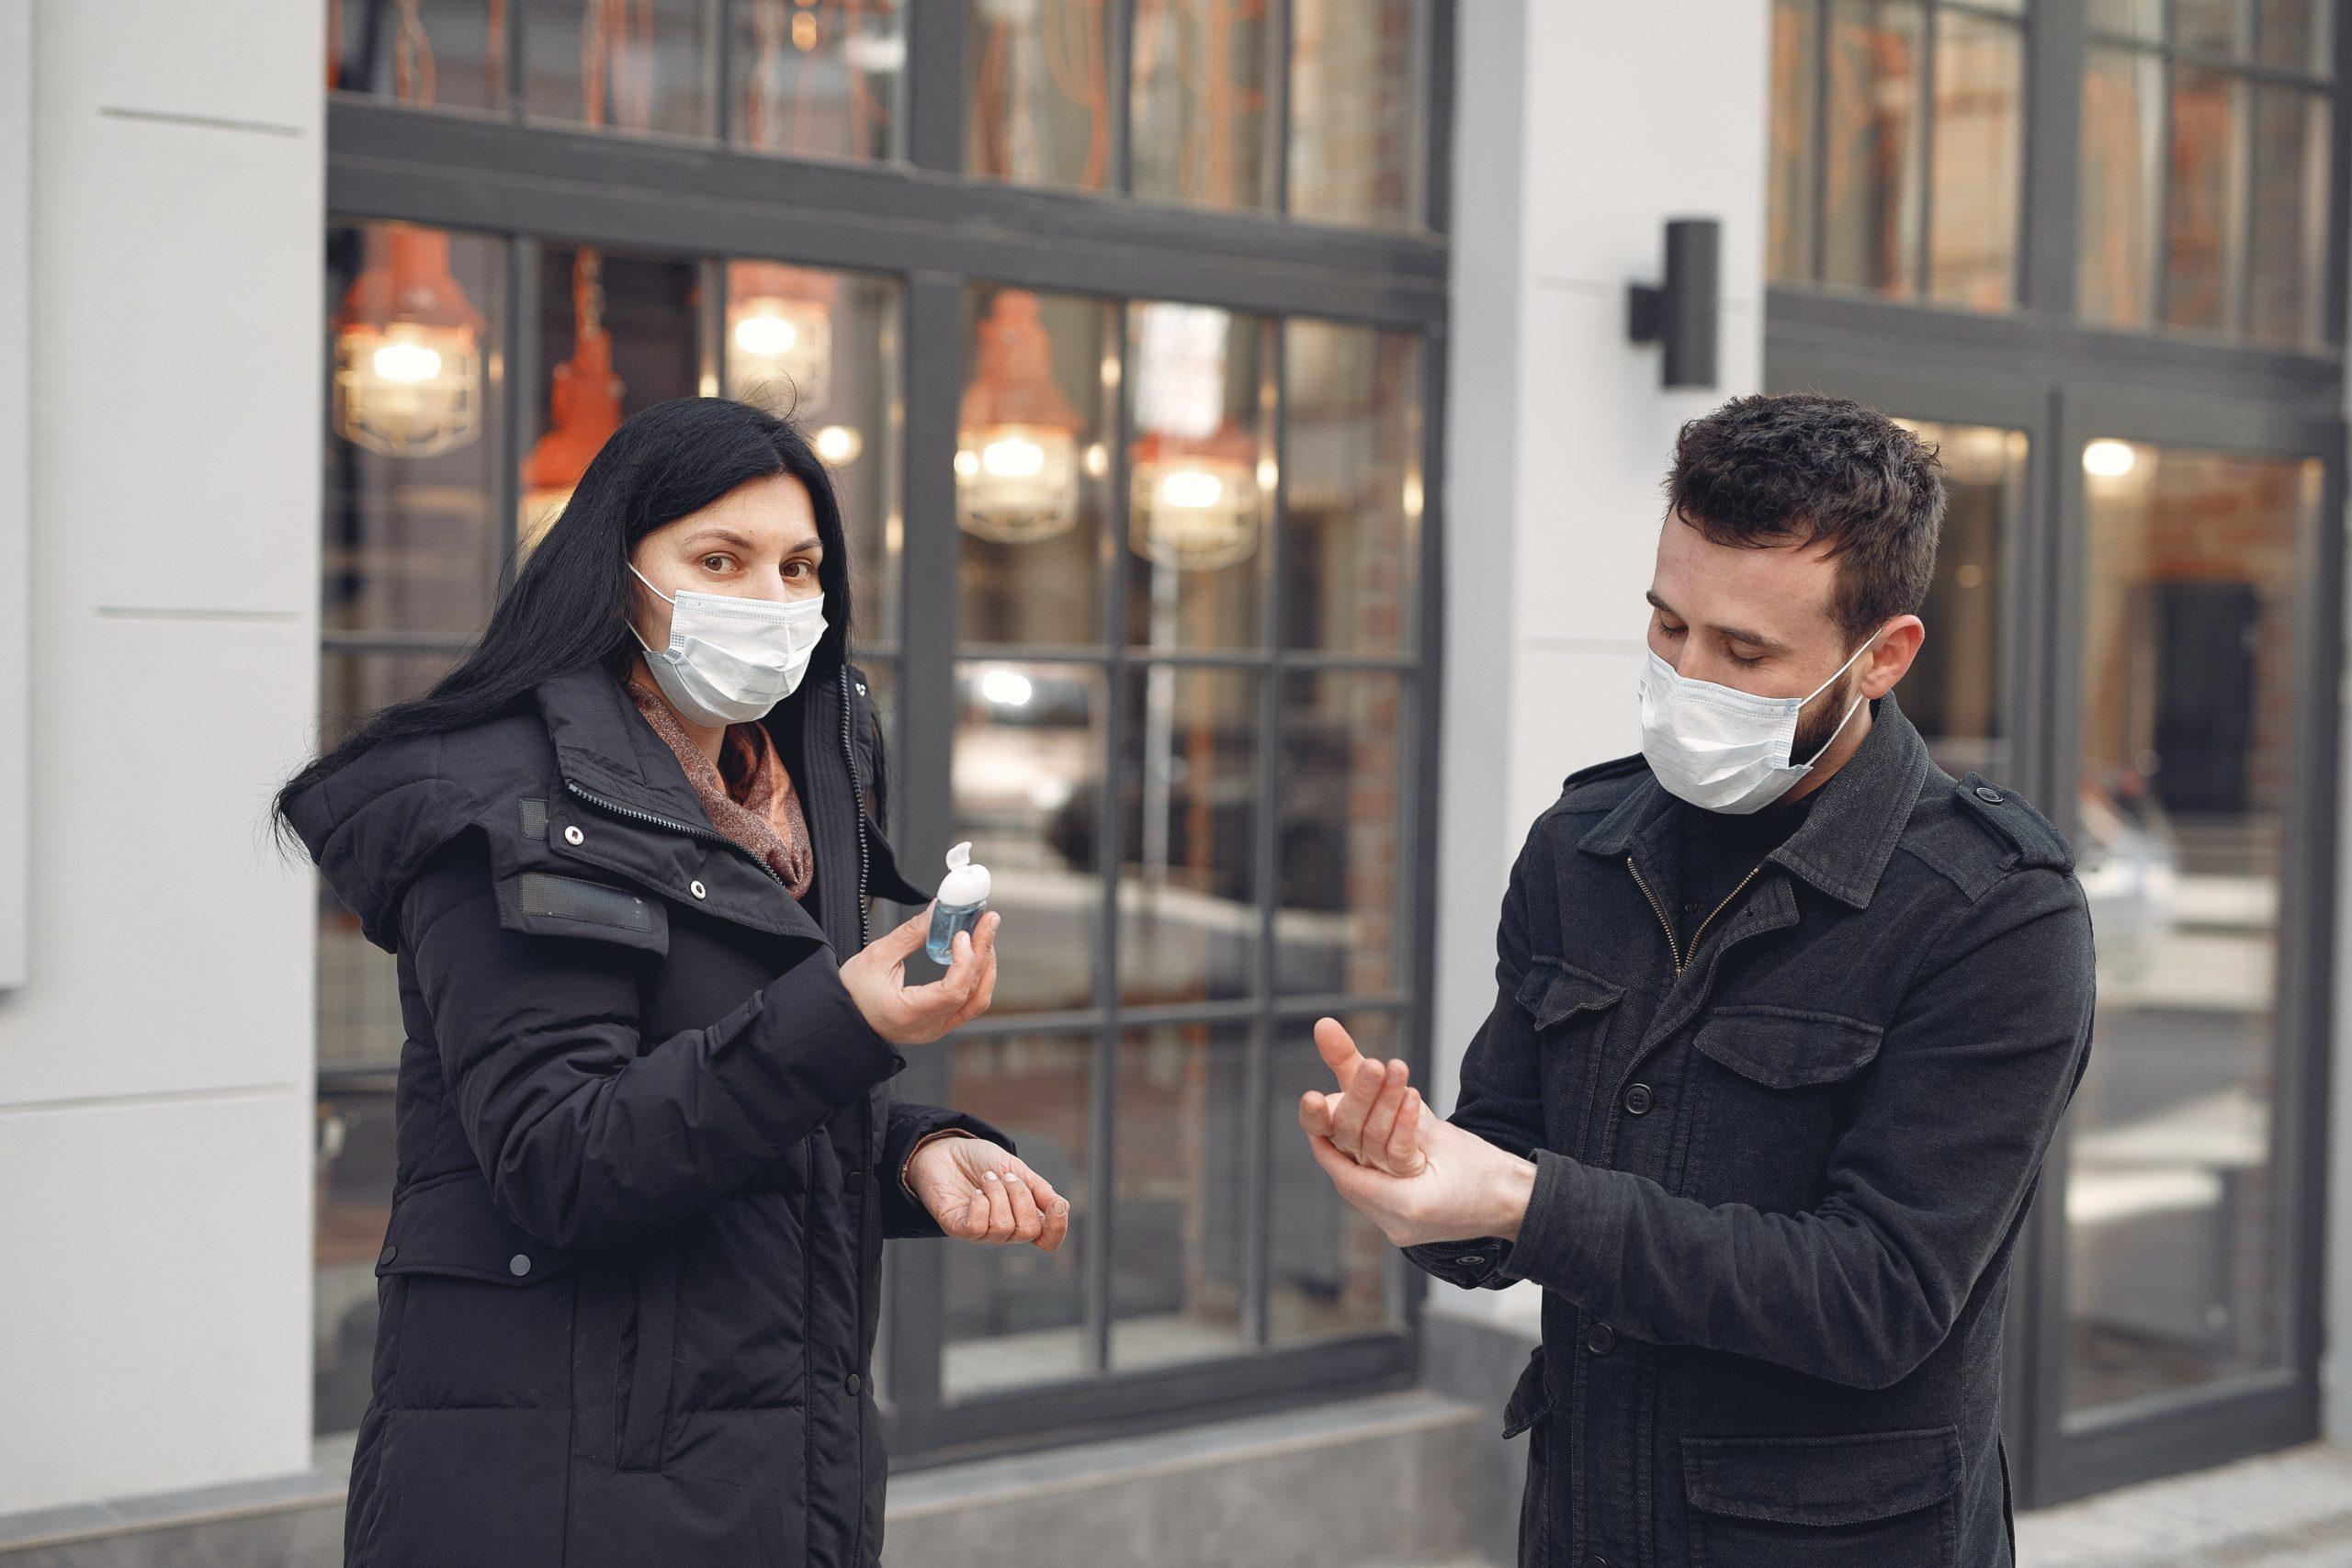 roommate quarantine